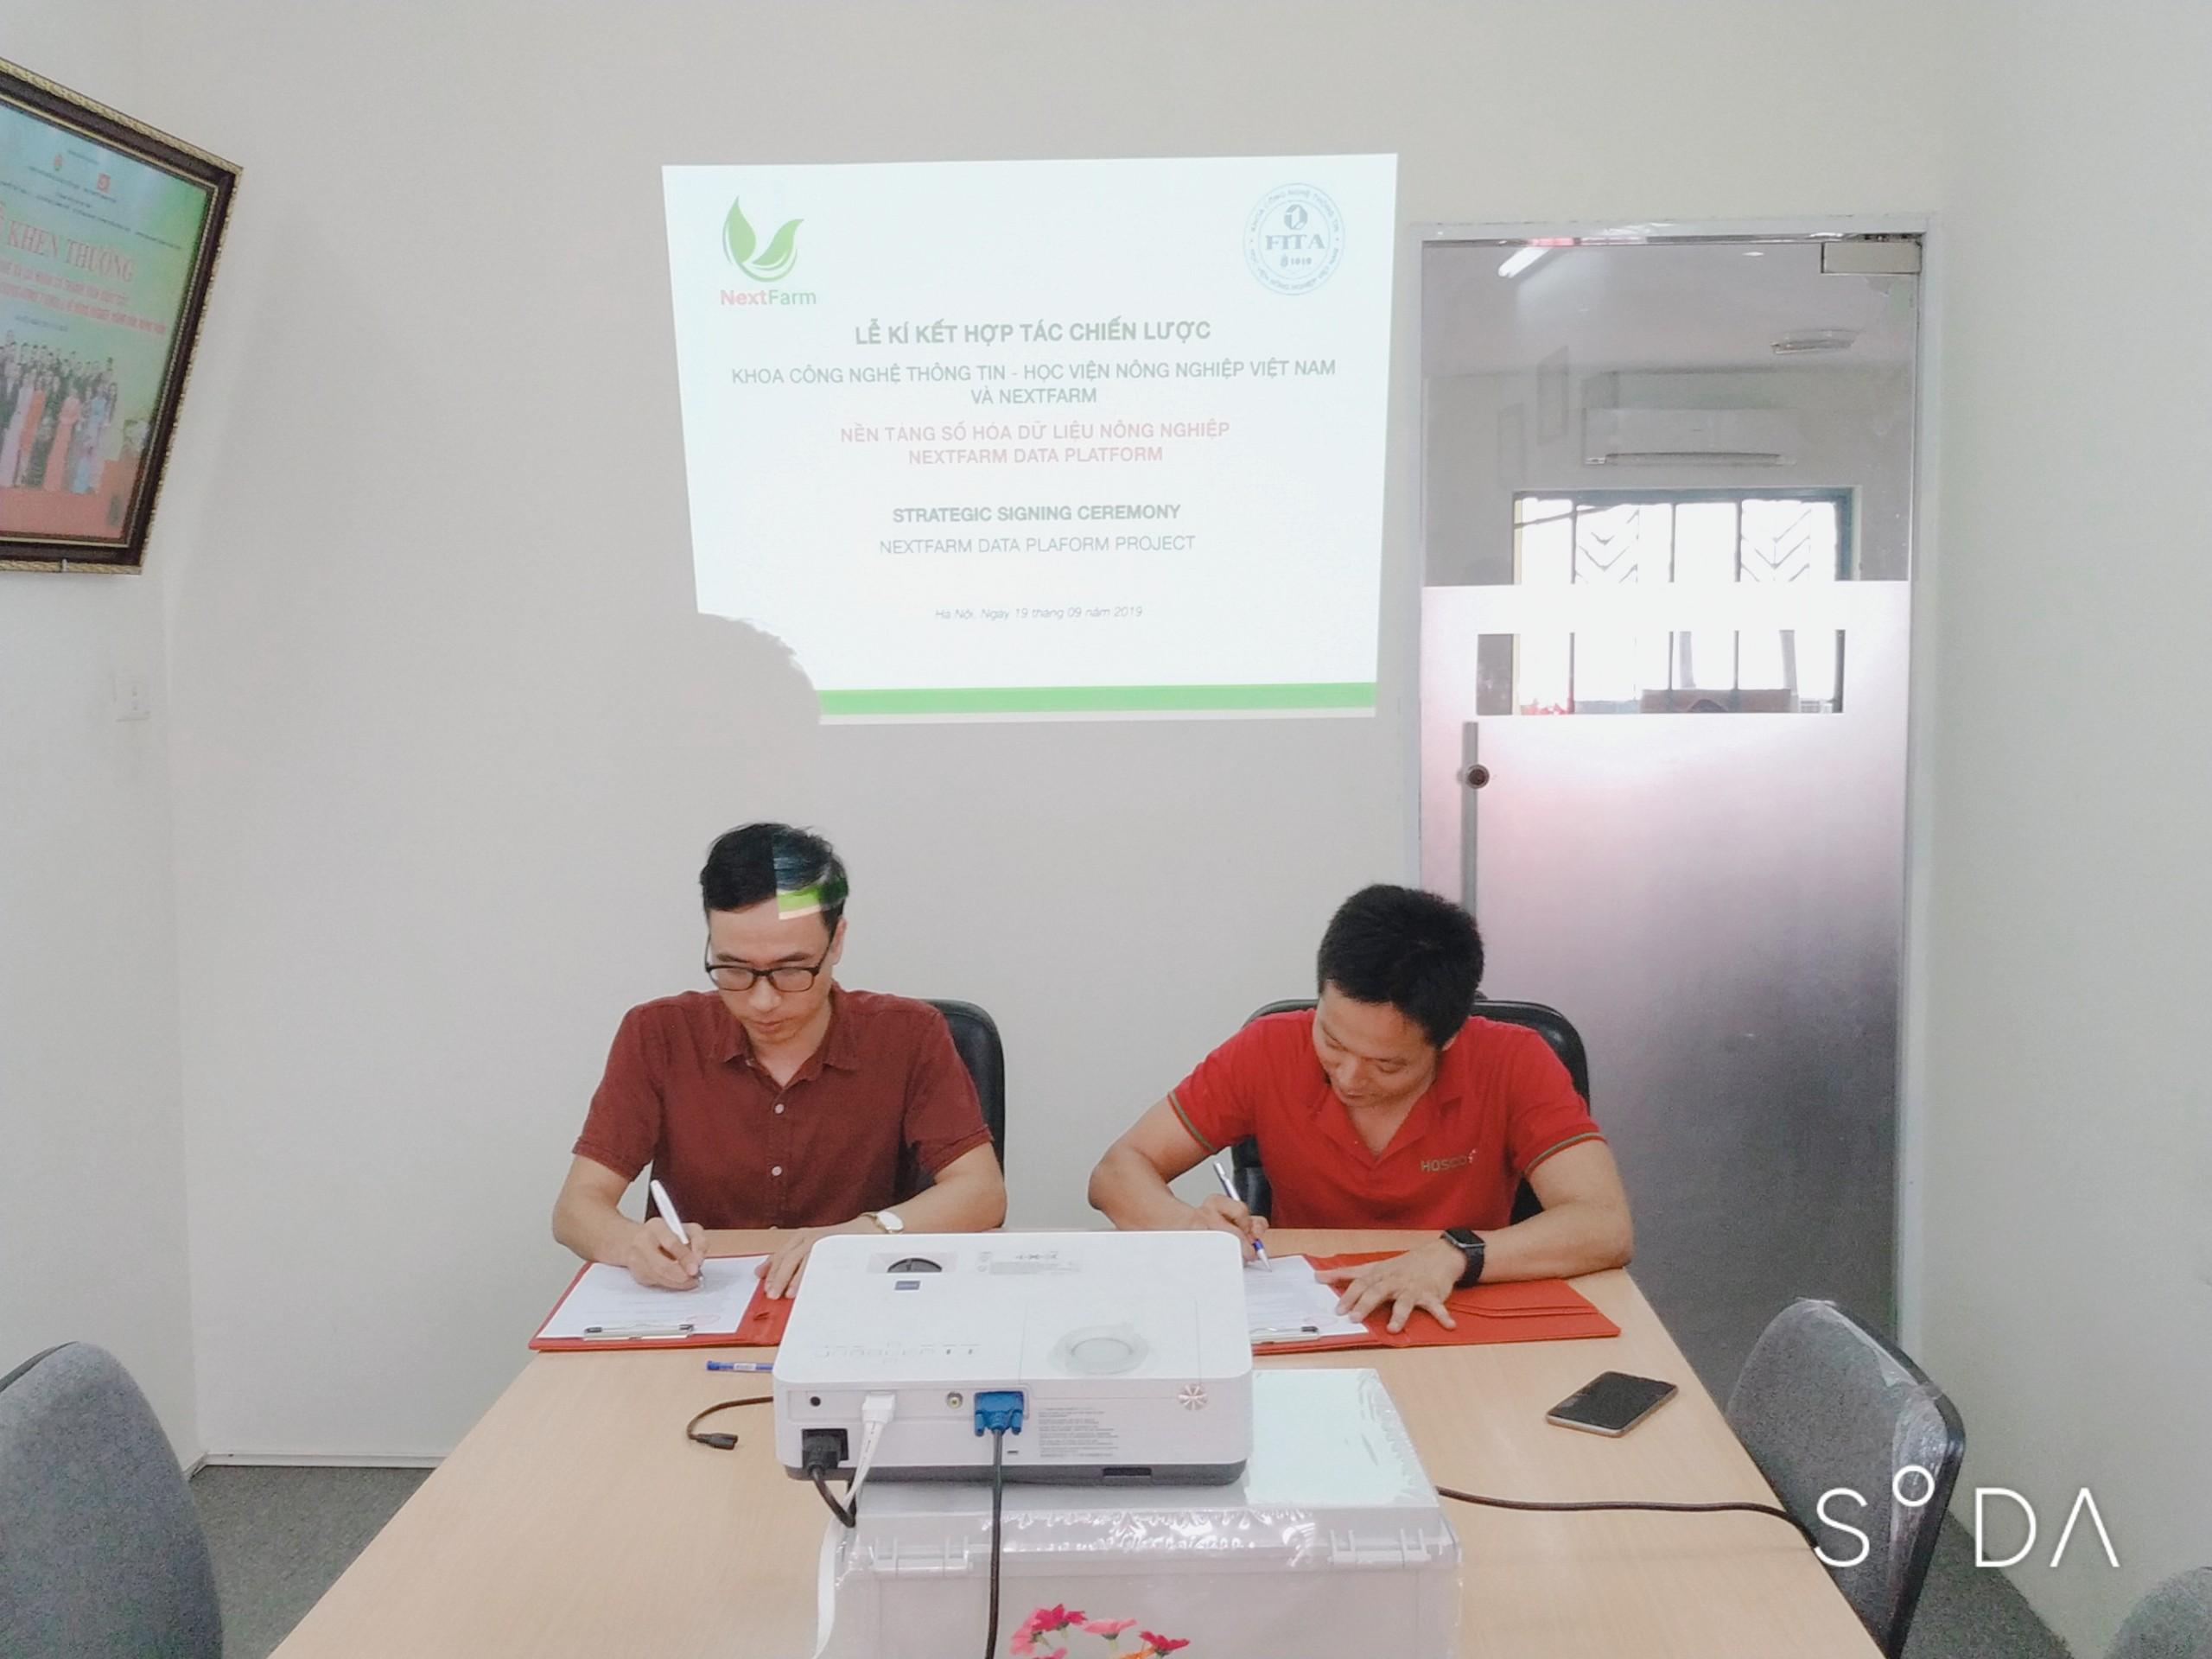 Nextfarm chính thức kí hợp đồng hợp tác chiến lược với Khoa Công nghệ thông tin Học viện Nông nghiệp Việt Nam cùng xây dựng việc số hóa dữ liệu Nông nghiệp trên nền tảng Nextfarm Data Platform